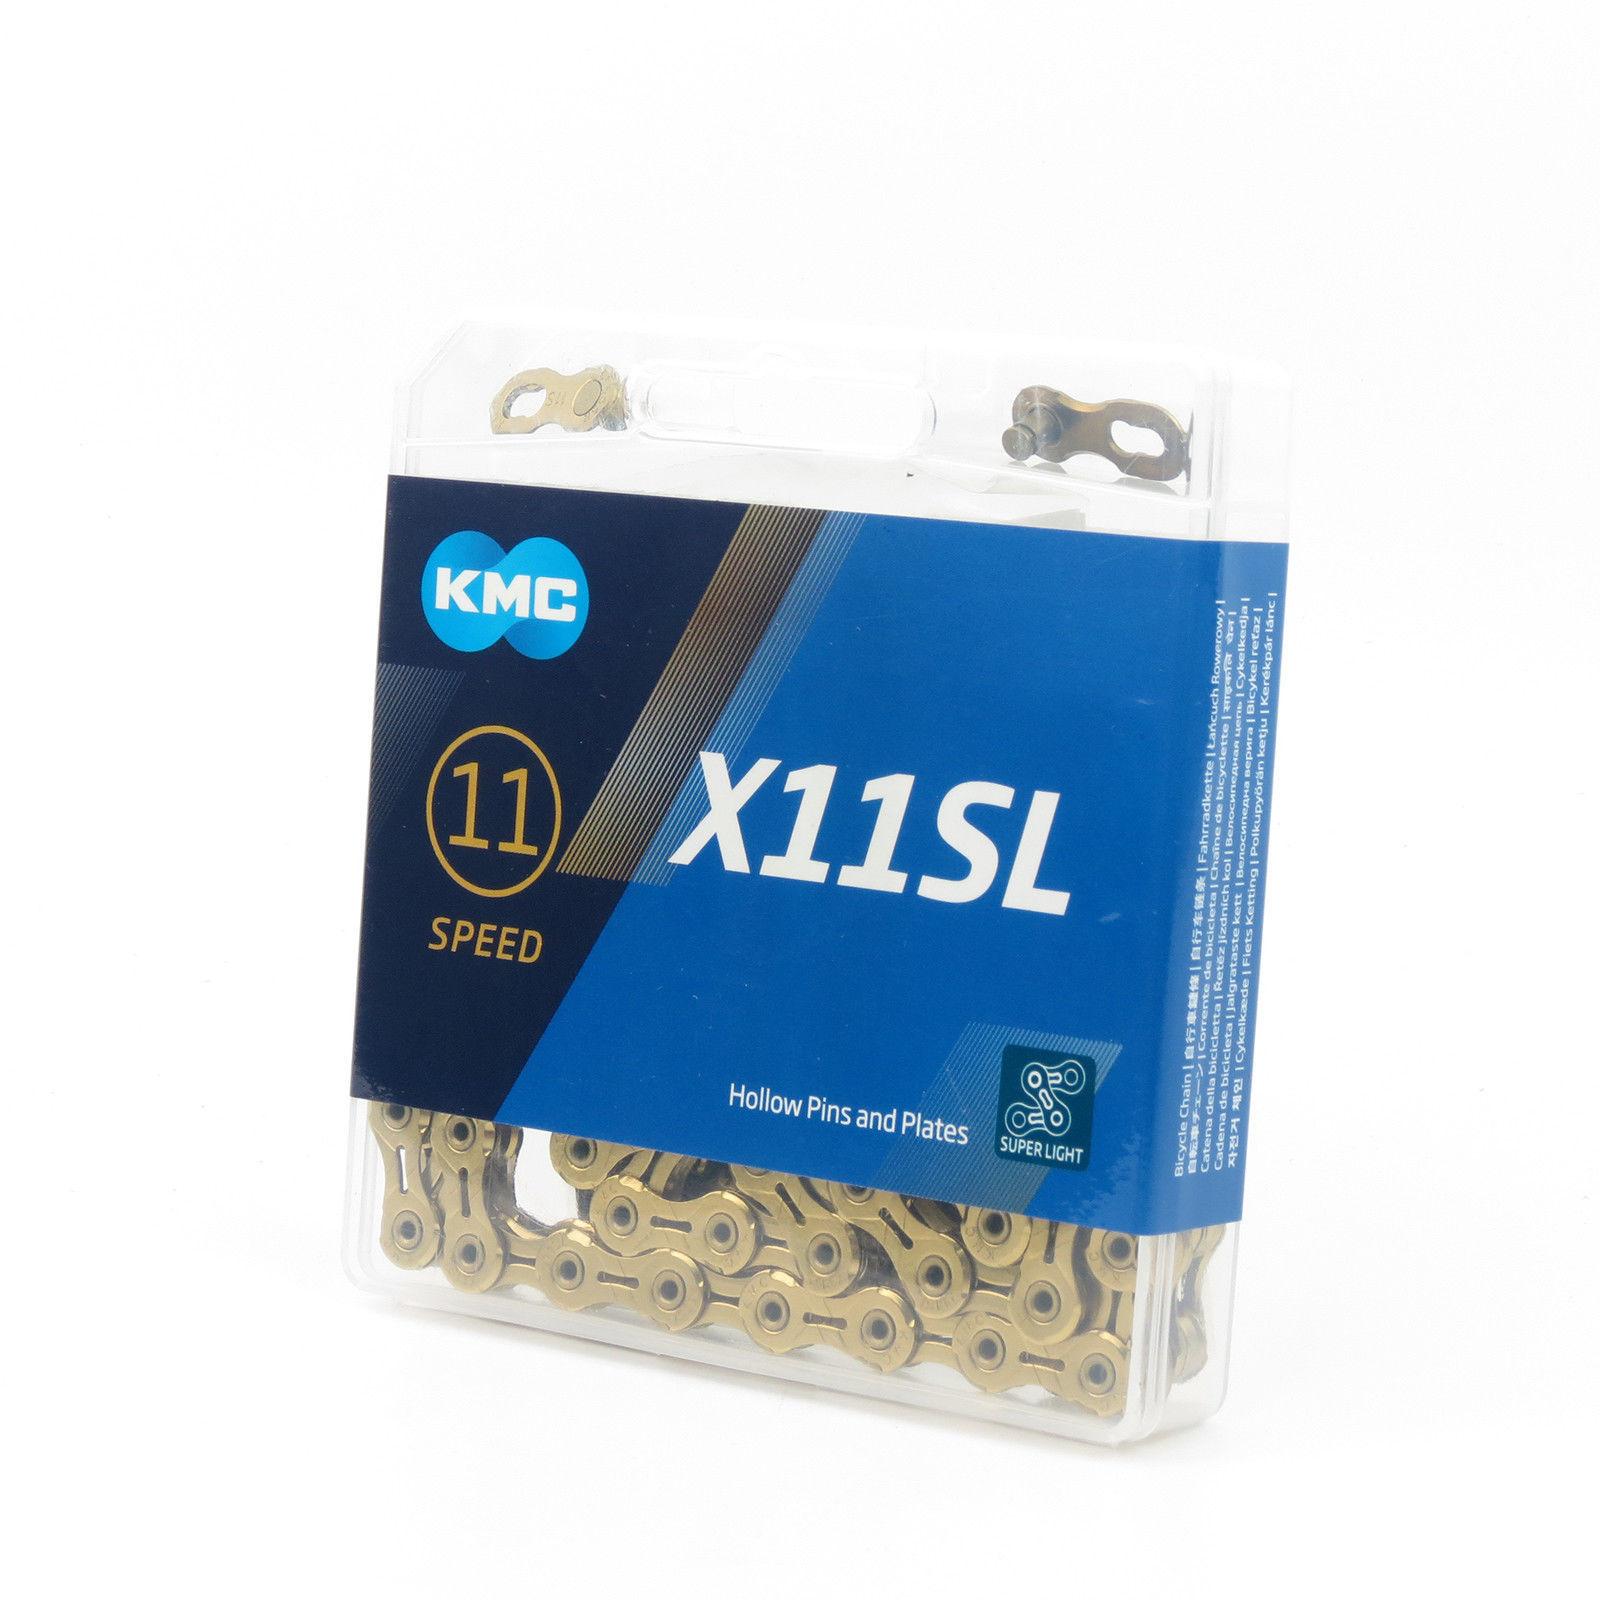 116L KMC X11SL EL 93 11 Speed MTB Road Bike 1//2/'/' x 11//128/'/' Chain Silver Gold